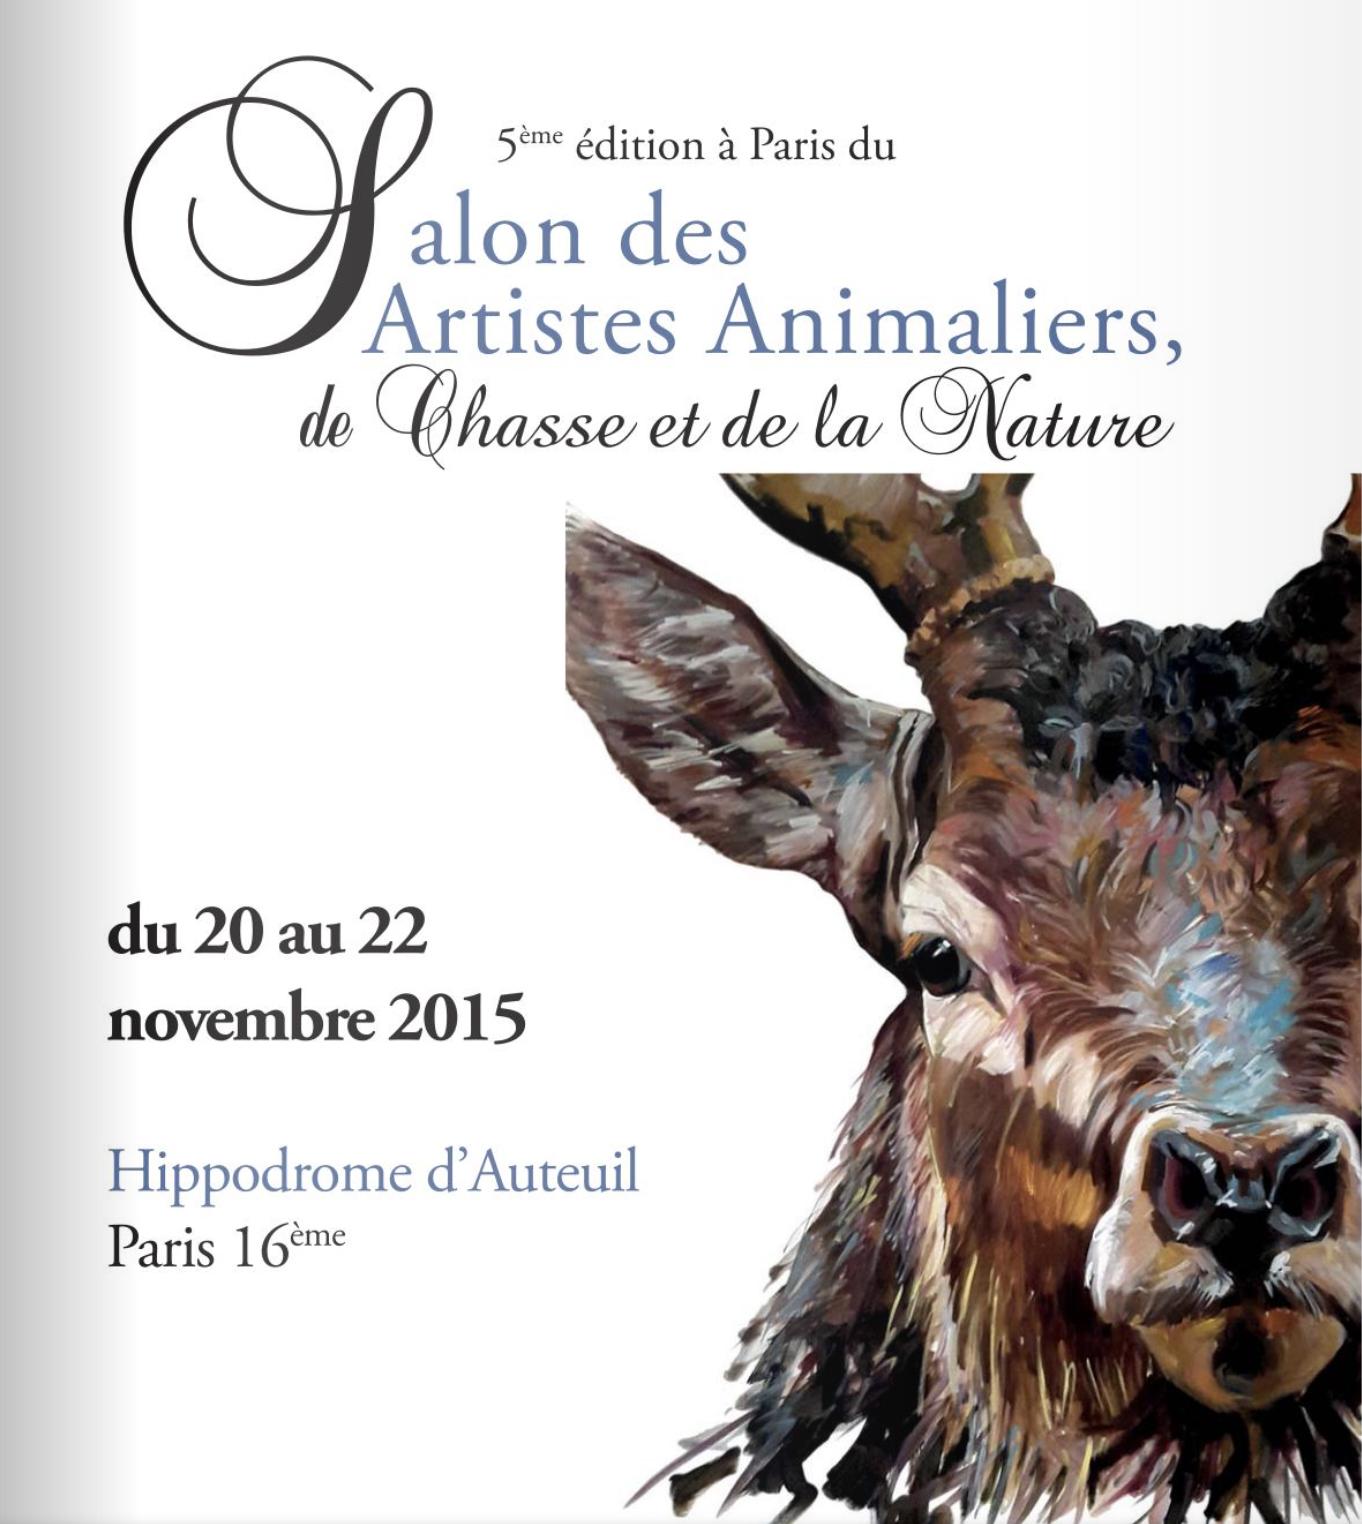 Salon des artistes animaliers Paris 2015